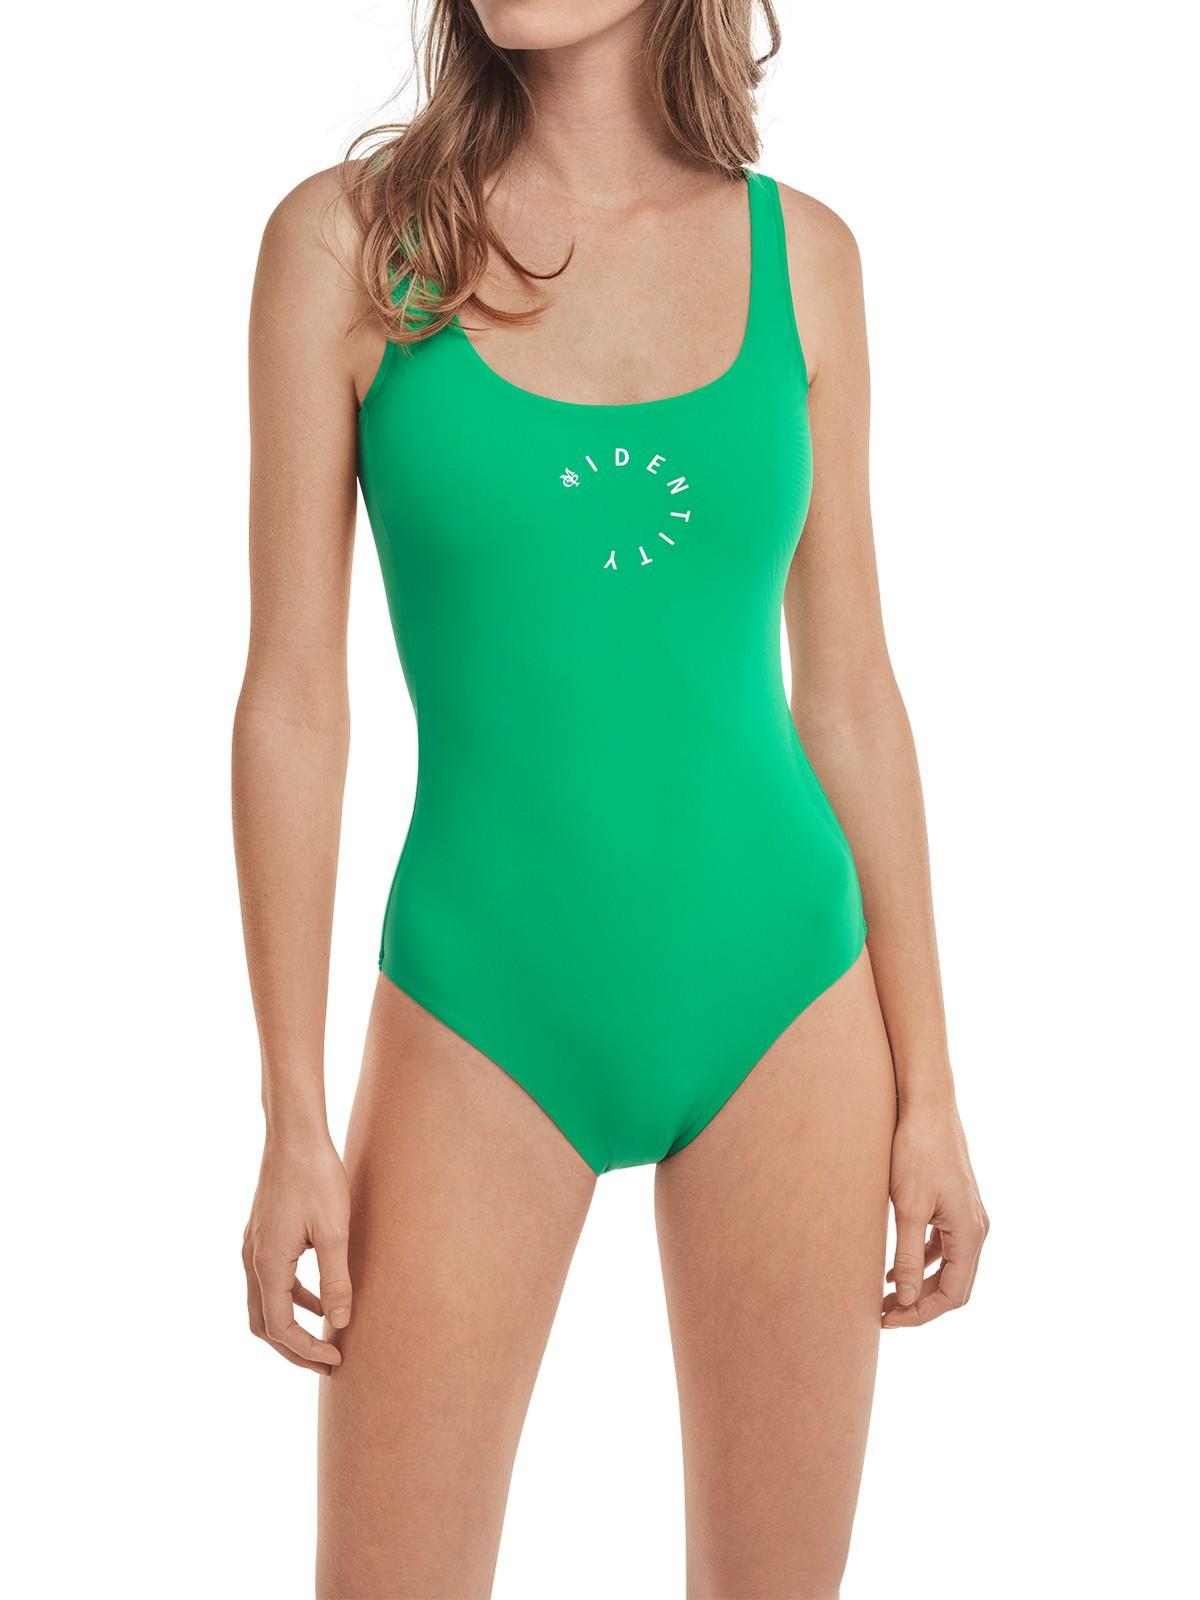 detaillierter Blick verschiedene Farben Neueste Mode Marc O'Polo Damen Badeanzug BEACHSUIT - 162000 | KAPS - Wäsche & mehr -  Schiesser - Marc O'Polo - Seidensticker - Lacoste